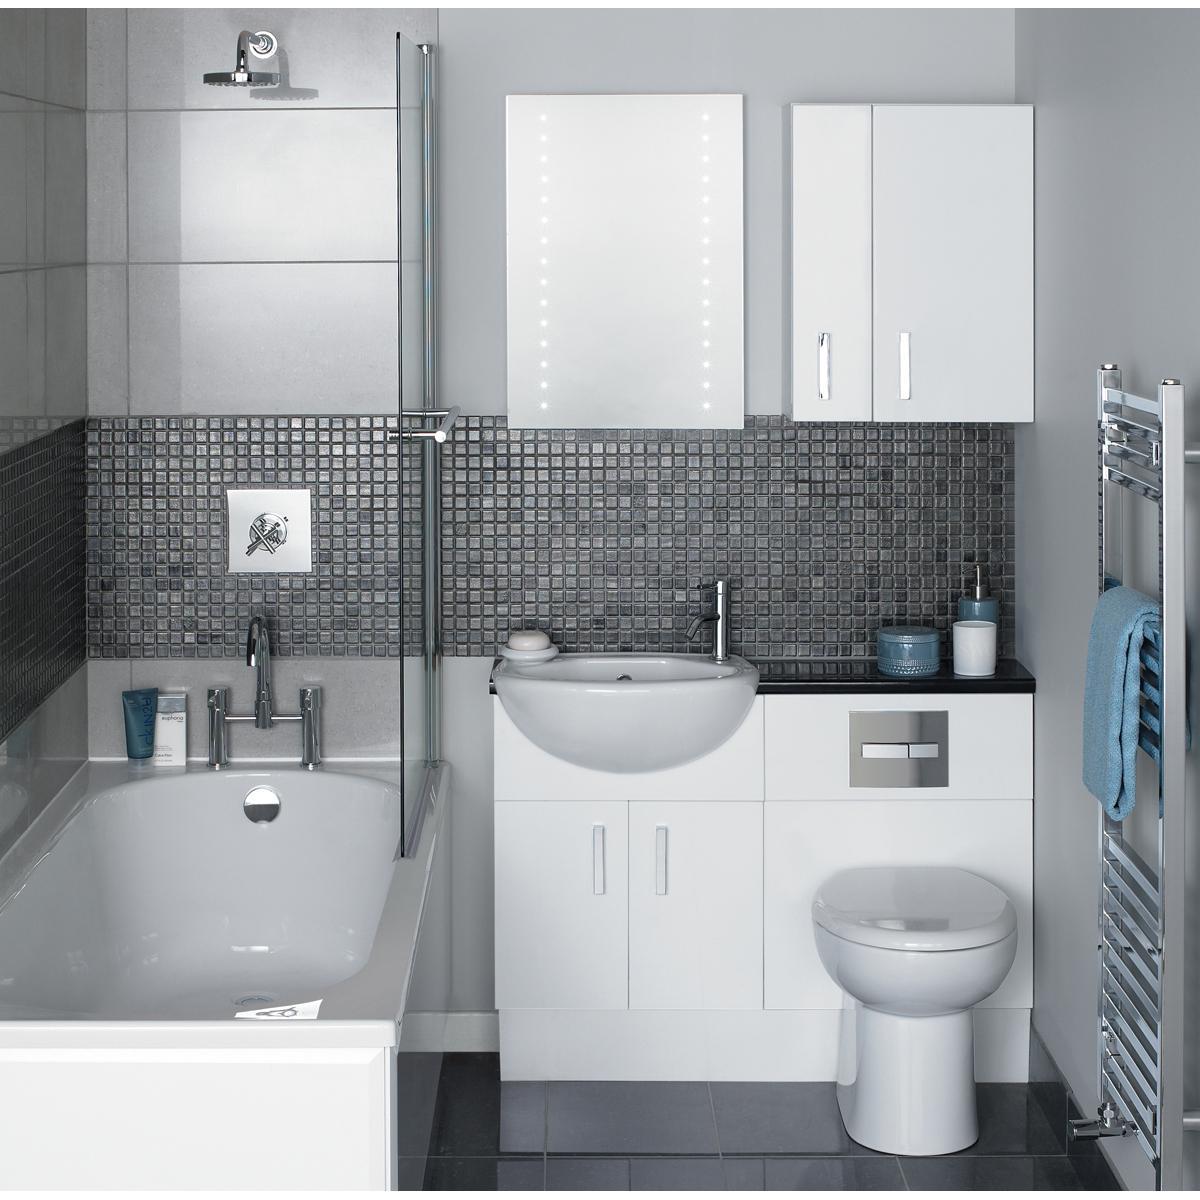 decoracao moderna Remodelação do banheiro pequeno